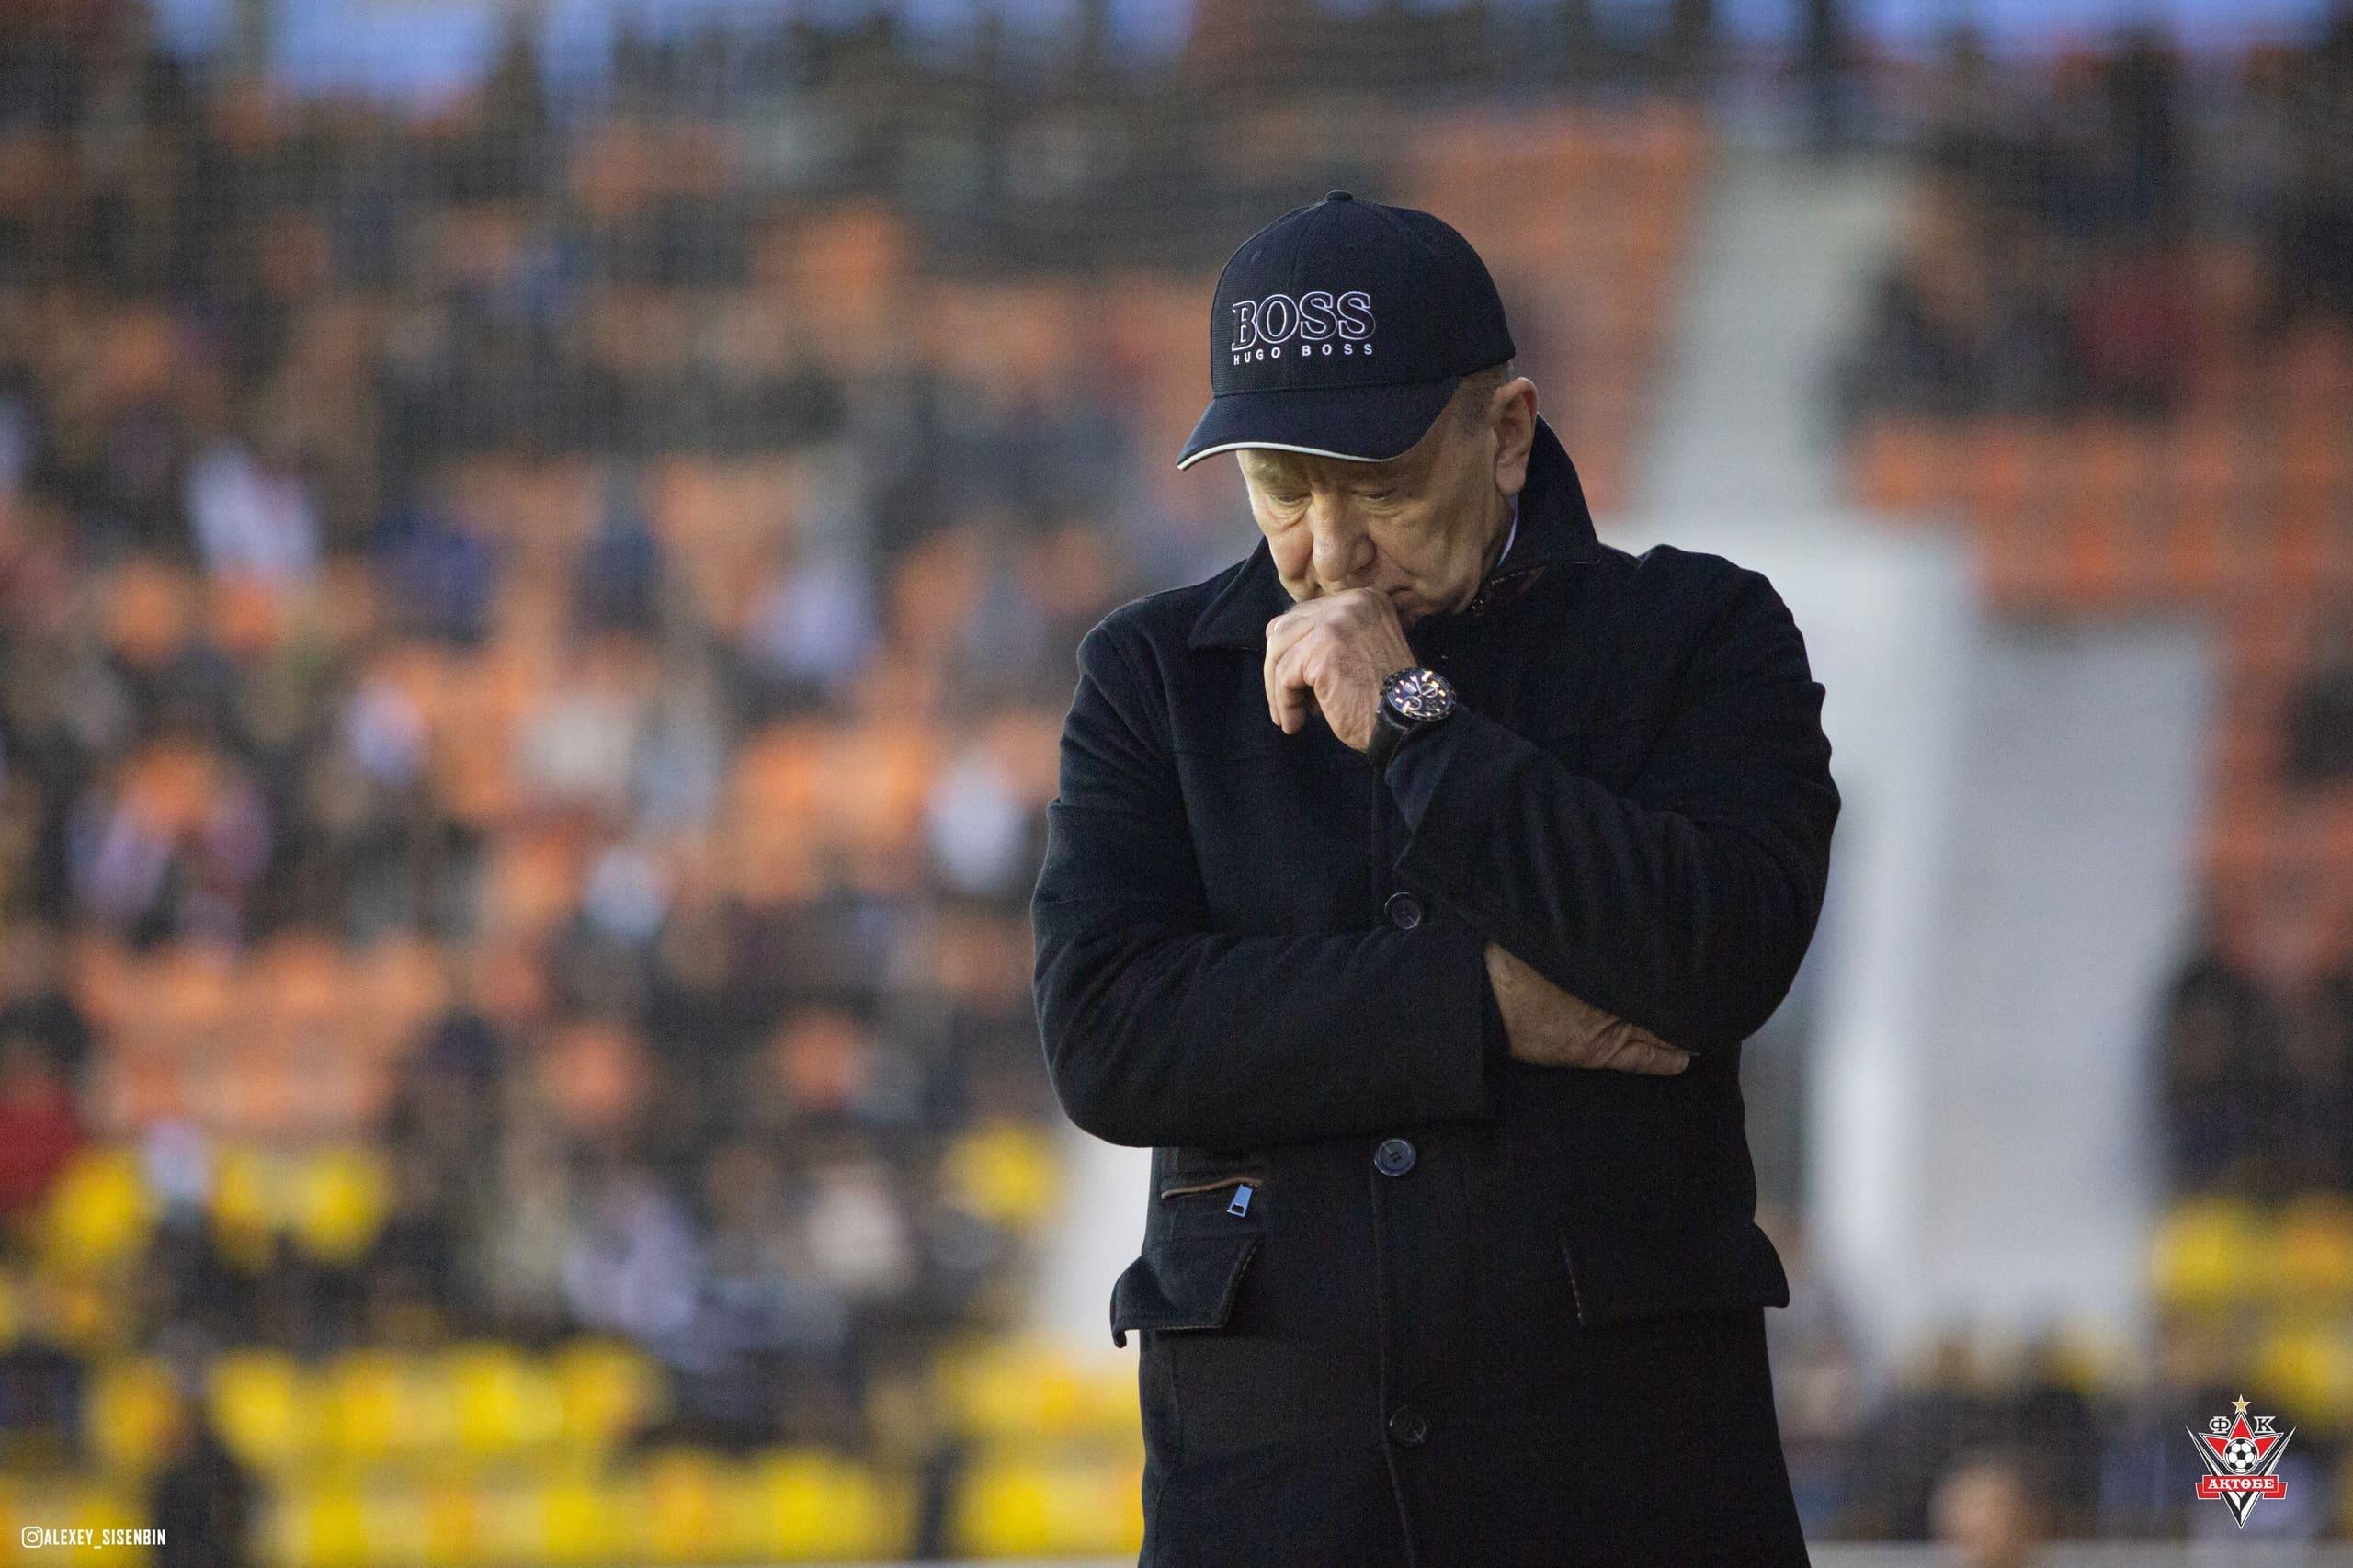 Владимир Муханов: «Огромное спасибо команде и болельщикам»